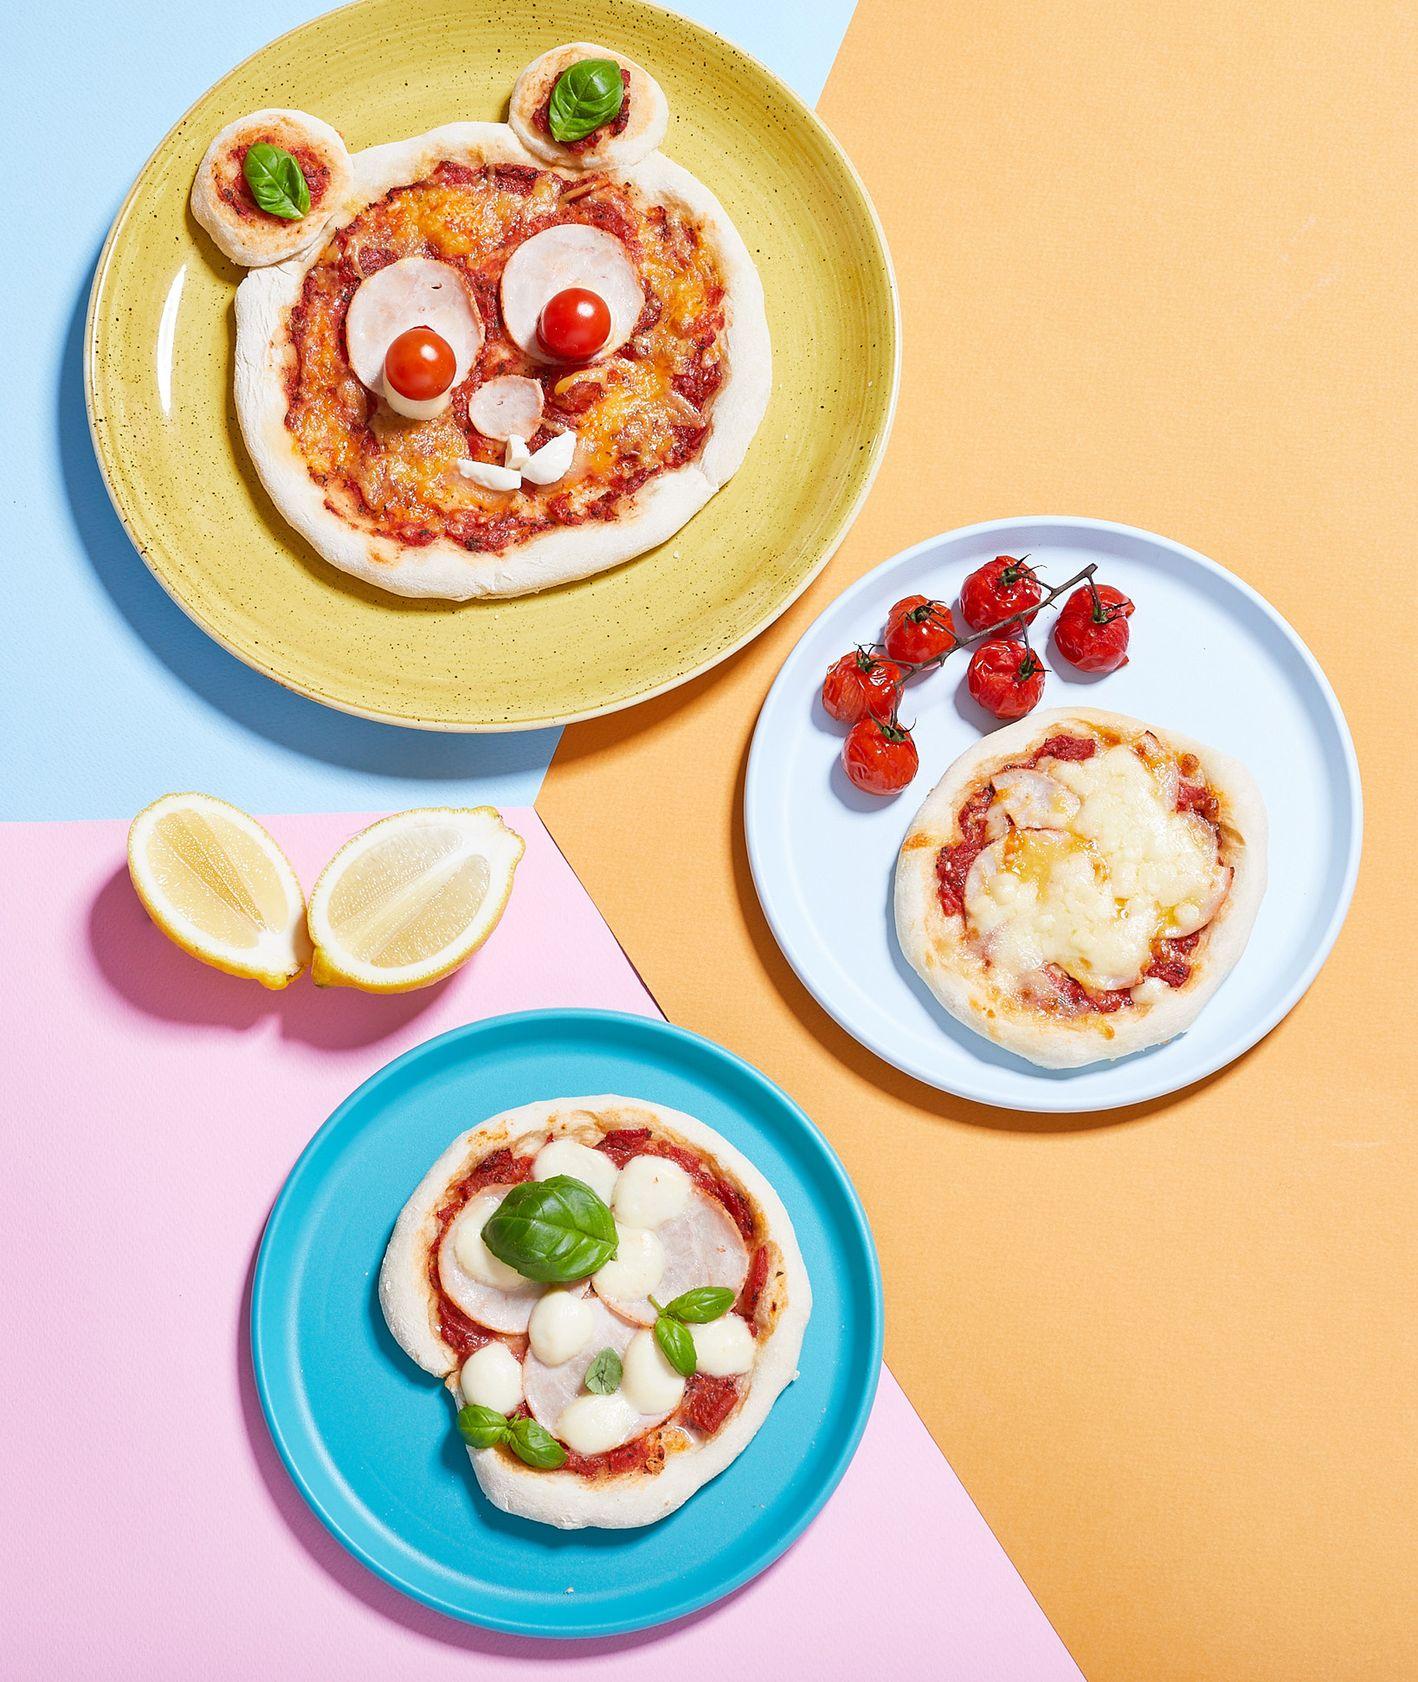 Pizza (fot. Maciek Niemojewski)